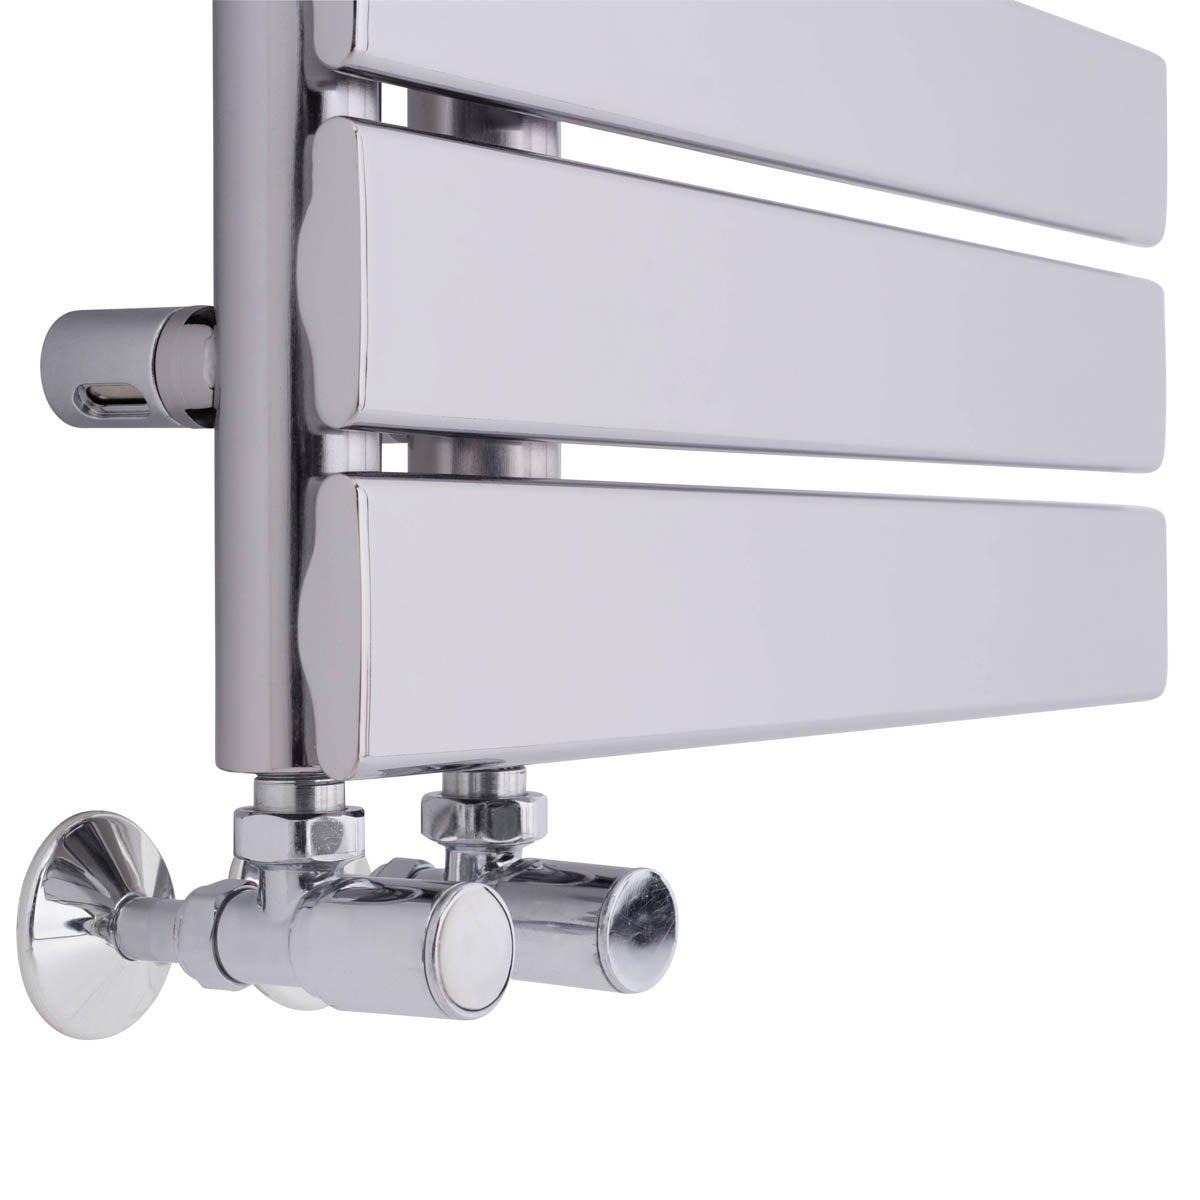 Heated Towel Rail Bathroom Radiator Designer Flat Panel ...